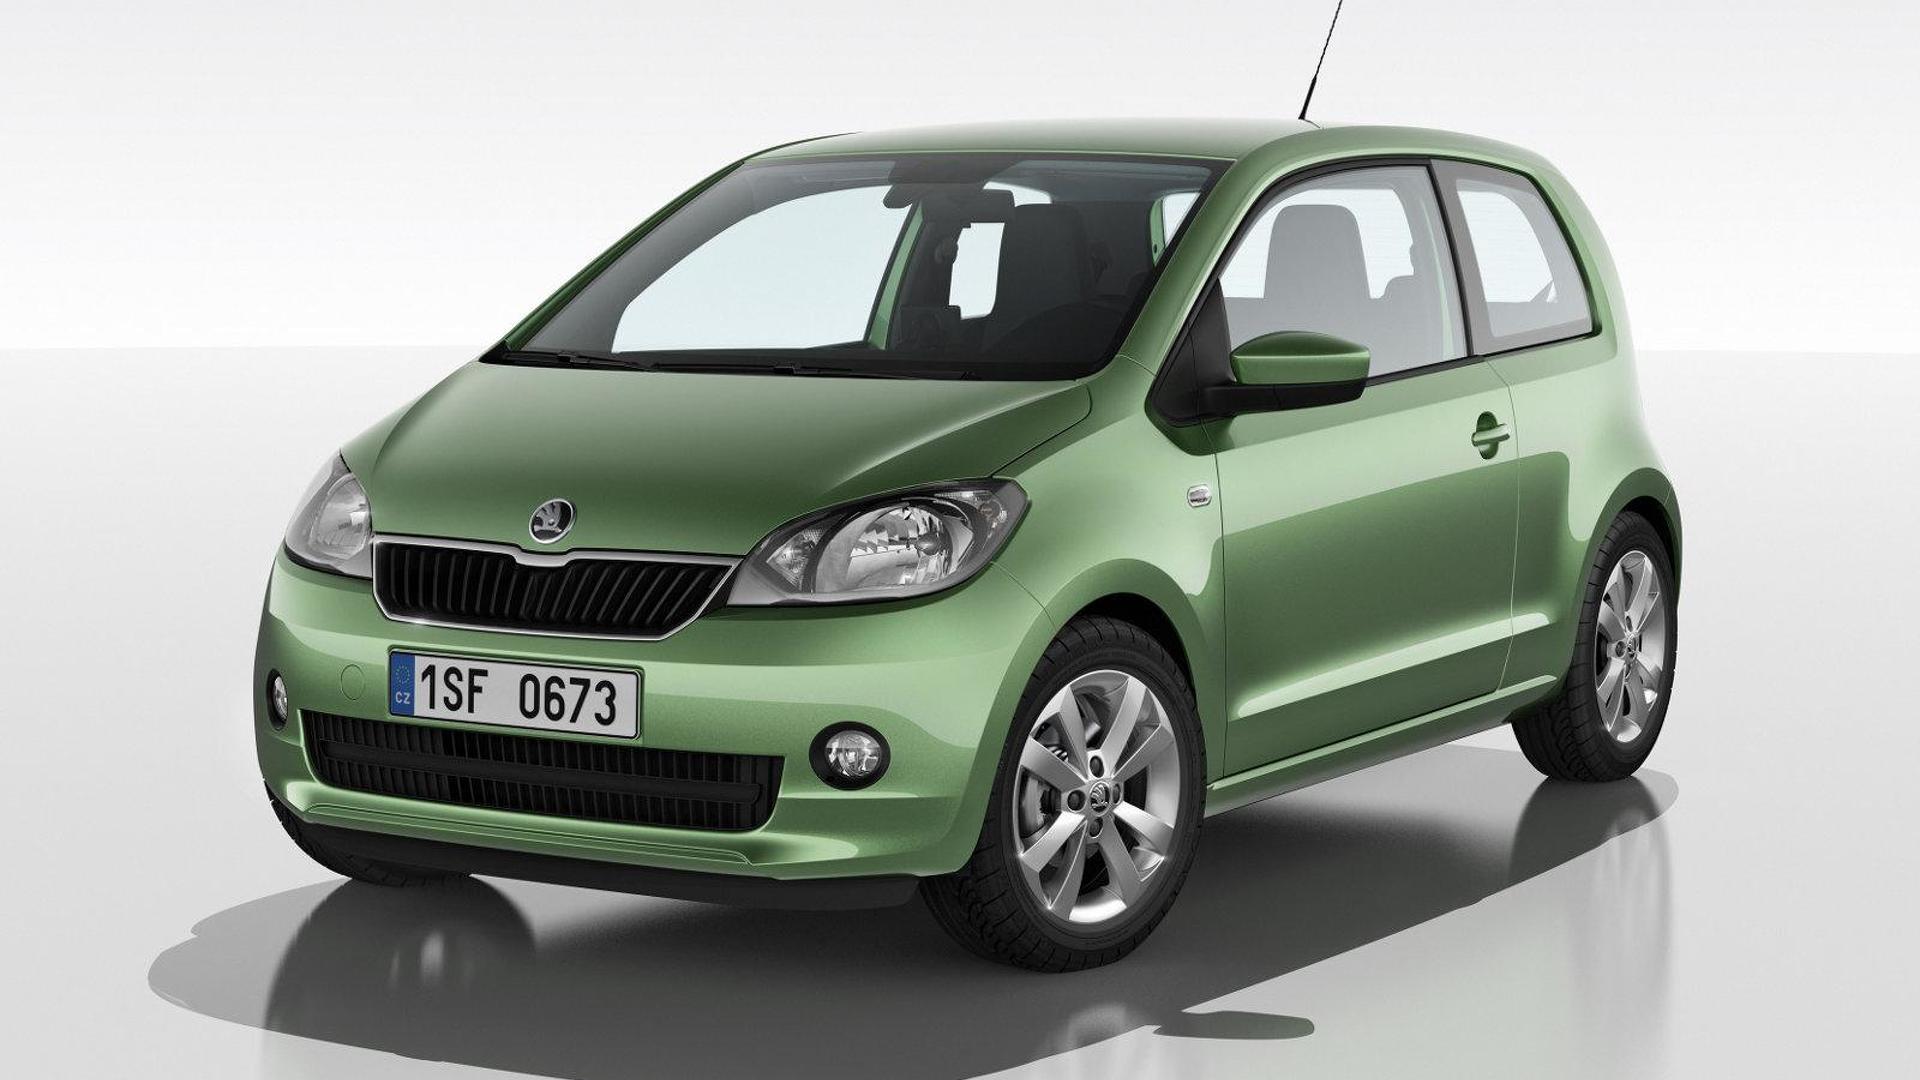 2012 Skoda Citigo unveiled - based on the VW up!